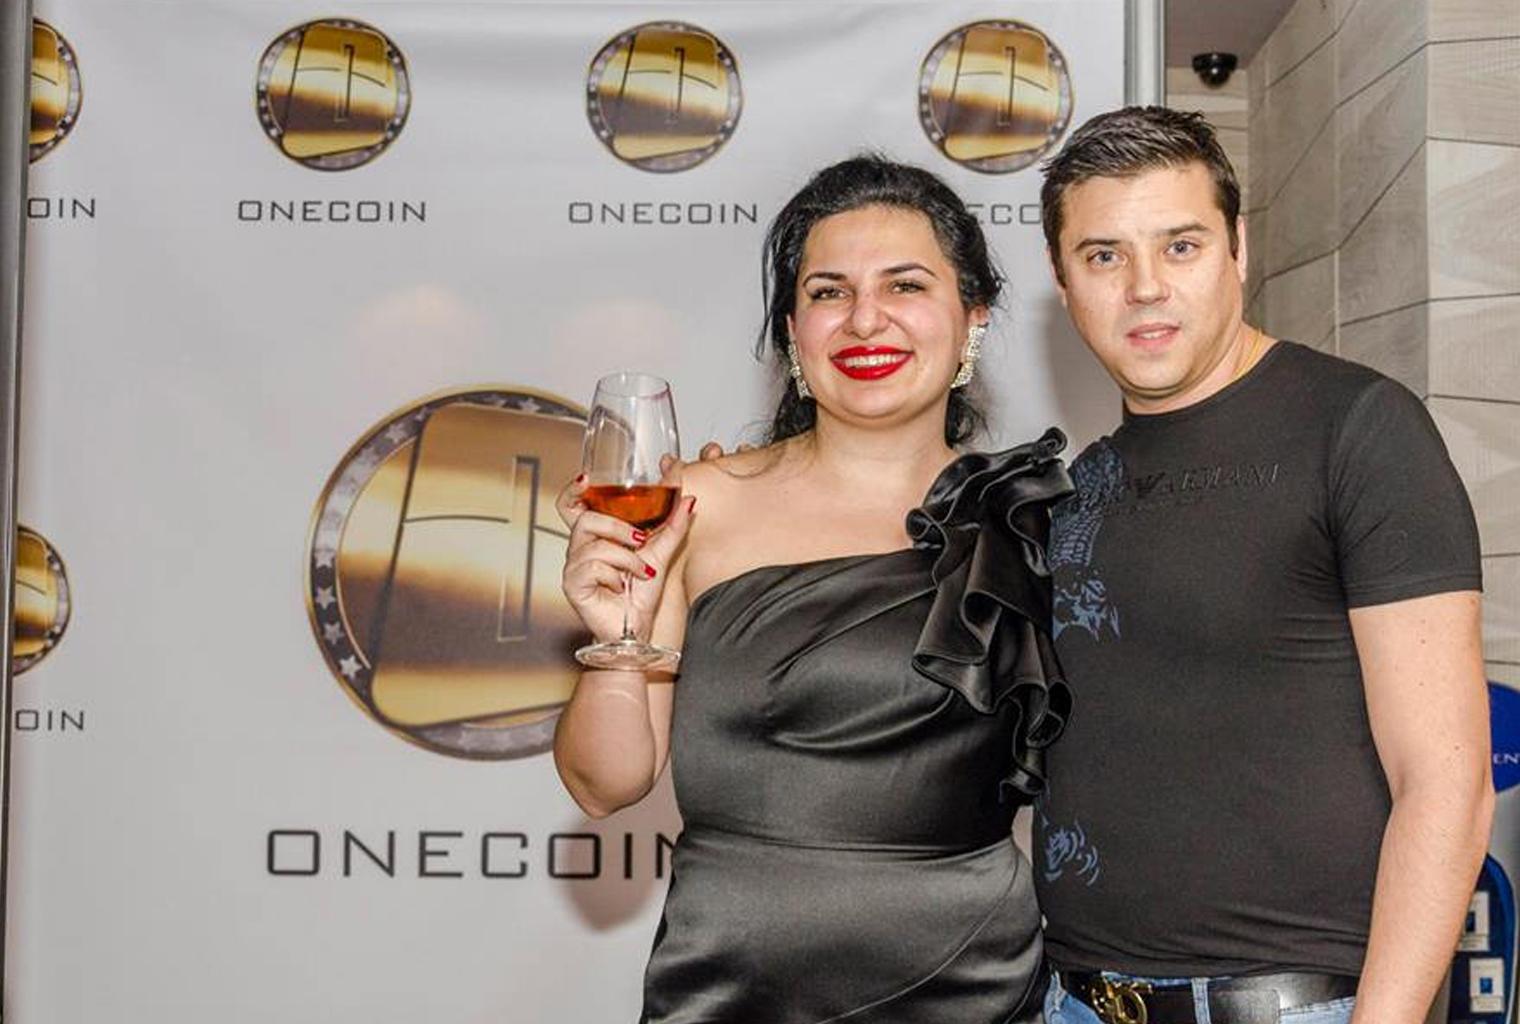 """Cargos de Pretensión fraudulenta: el tribunal de los Estados Unidos revela la acusación del cofundador de Onecoin """"width ="""" 579 """"height ="""" 390 """"srcset ="""" https://blackswanfinances.com/wp-content/uploads/2020/04/oncoiners.jpg 1520w, https: //news.bitcoin.com/wp-content/uploads/2020/04/oncoiners-300x202.jpg 300w, https://news.bitcoin.com/wp-content/uploads/2020/04/oncoiners-1024x690.jpg 1024w, https://news.bitcoin.com/wp-content/uploads/2020/04/oncoiners-768x517.jpg 768w, https://news.bitcoin.com/wp-content/uploads/2020/04/oncoiners -696x469.jpg 696w, https://news.bitcoin.com/wp-content/uploads/2020/04/oncoiners-1392x938.jpg 1392w, https://news.bitcoin.com/wp-content/uploads/2020 /04/oncoiners-1068x719.jpg 1068w, https://news.bitcoin.com/wp-content/uploads/2020/04/oncoiners- 623x420.jpg 623w, https://news.bitcoin.com/wp-content/uploads/2020/04/oncoiners-190x128.jpg 190w, https://news.bitcoin.com/wp-content/uploads/2020/ 04 / oncoiners-380x256.jpg 380w, https://news.bitcoin.com/wp-content/uploads/2020/04/oncoiners-760x512.jpg 760w """"tamaños ="""" (ancho máximo: 579px) 100vw, 579px [19659017] Cargos de pretensión fraudulenta: el tribunal de los Estados Unidos desestima la acusación del cofundador de Onecoin """"width ="""" 579 """"height ="""" 390 """"srcset ="""" https://blackswanfinances.com/wp-content/uploads/2020/04/oncoiners.jpg 1520w, https://news.bitcoin.com/wp-content/uploads/2020/04/oncoiners-300x202.jpg 300w, https://news.bitcoin.com/wp-content/uploads/2020/04/oncoiners -1024x690.jpg 1024w, https://news.bitcoin.com/wp-content/uploads/2020/04/oncoiners-768x517.jpg 768w, https://news.bitcoin.com/wp-content/uploads/2020 /04/oncoiners-696x469.jpg 696w, https://news.bitcoin.com/wp-content/uploads/2020/04/oncoiners-1392x938.jpg 1392w, https://news.bitcoin.com/wp-content /uploads/2020/04/oncoiners-1068x719.jpg 1068w, https: //news.bitcoin. com / wp-content / uploads / 2020/04 / oncoiners-623x420.jpg 623w, https://news.bitcoin.com/wp-content/uploads/2020/04/oncoiners-190x128.jpg 190w, http"""